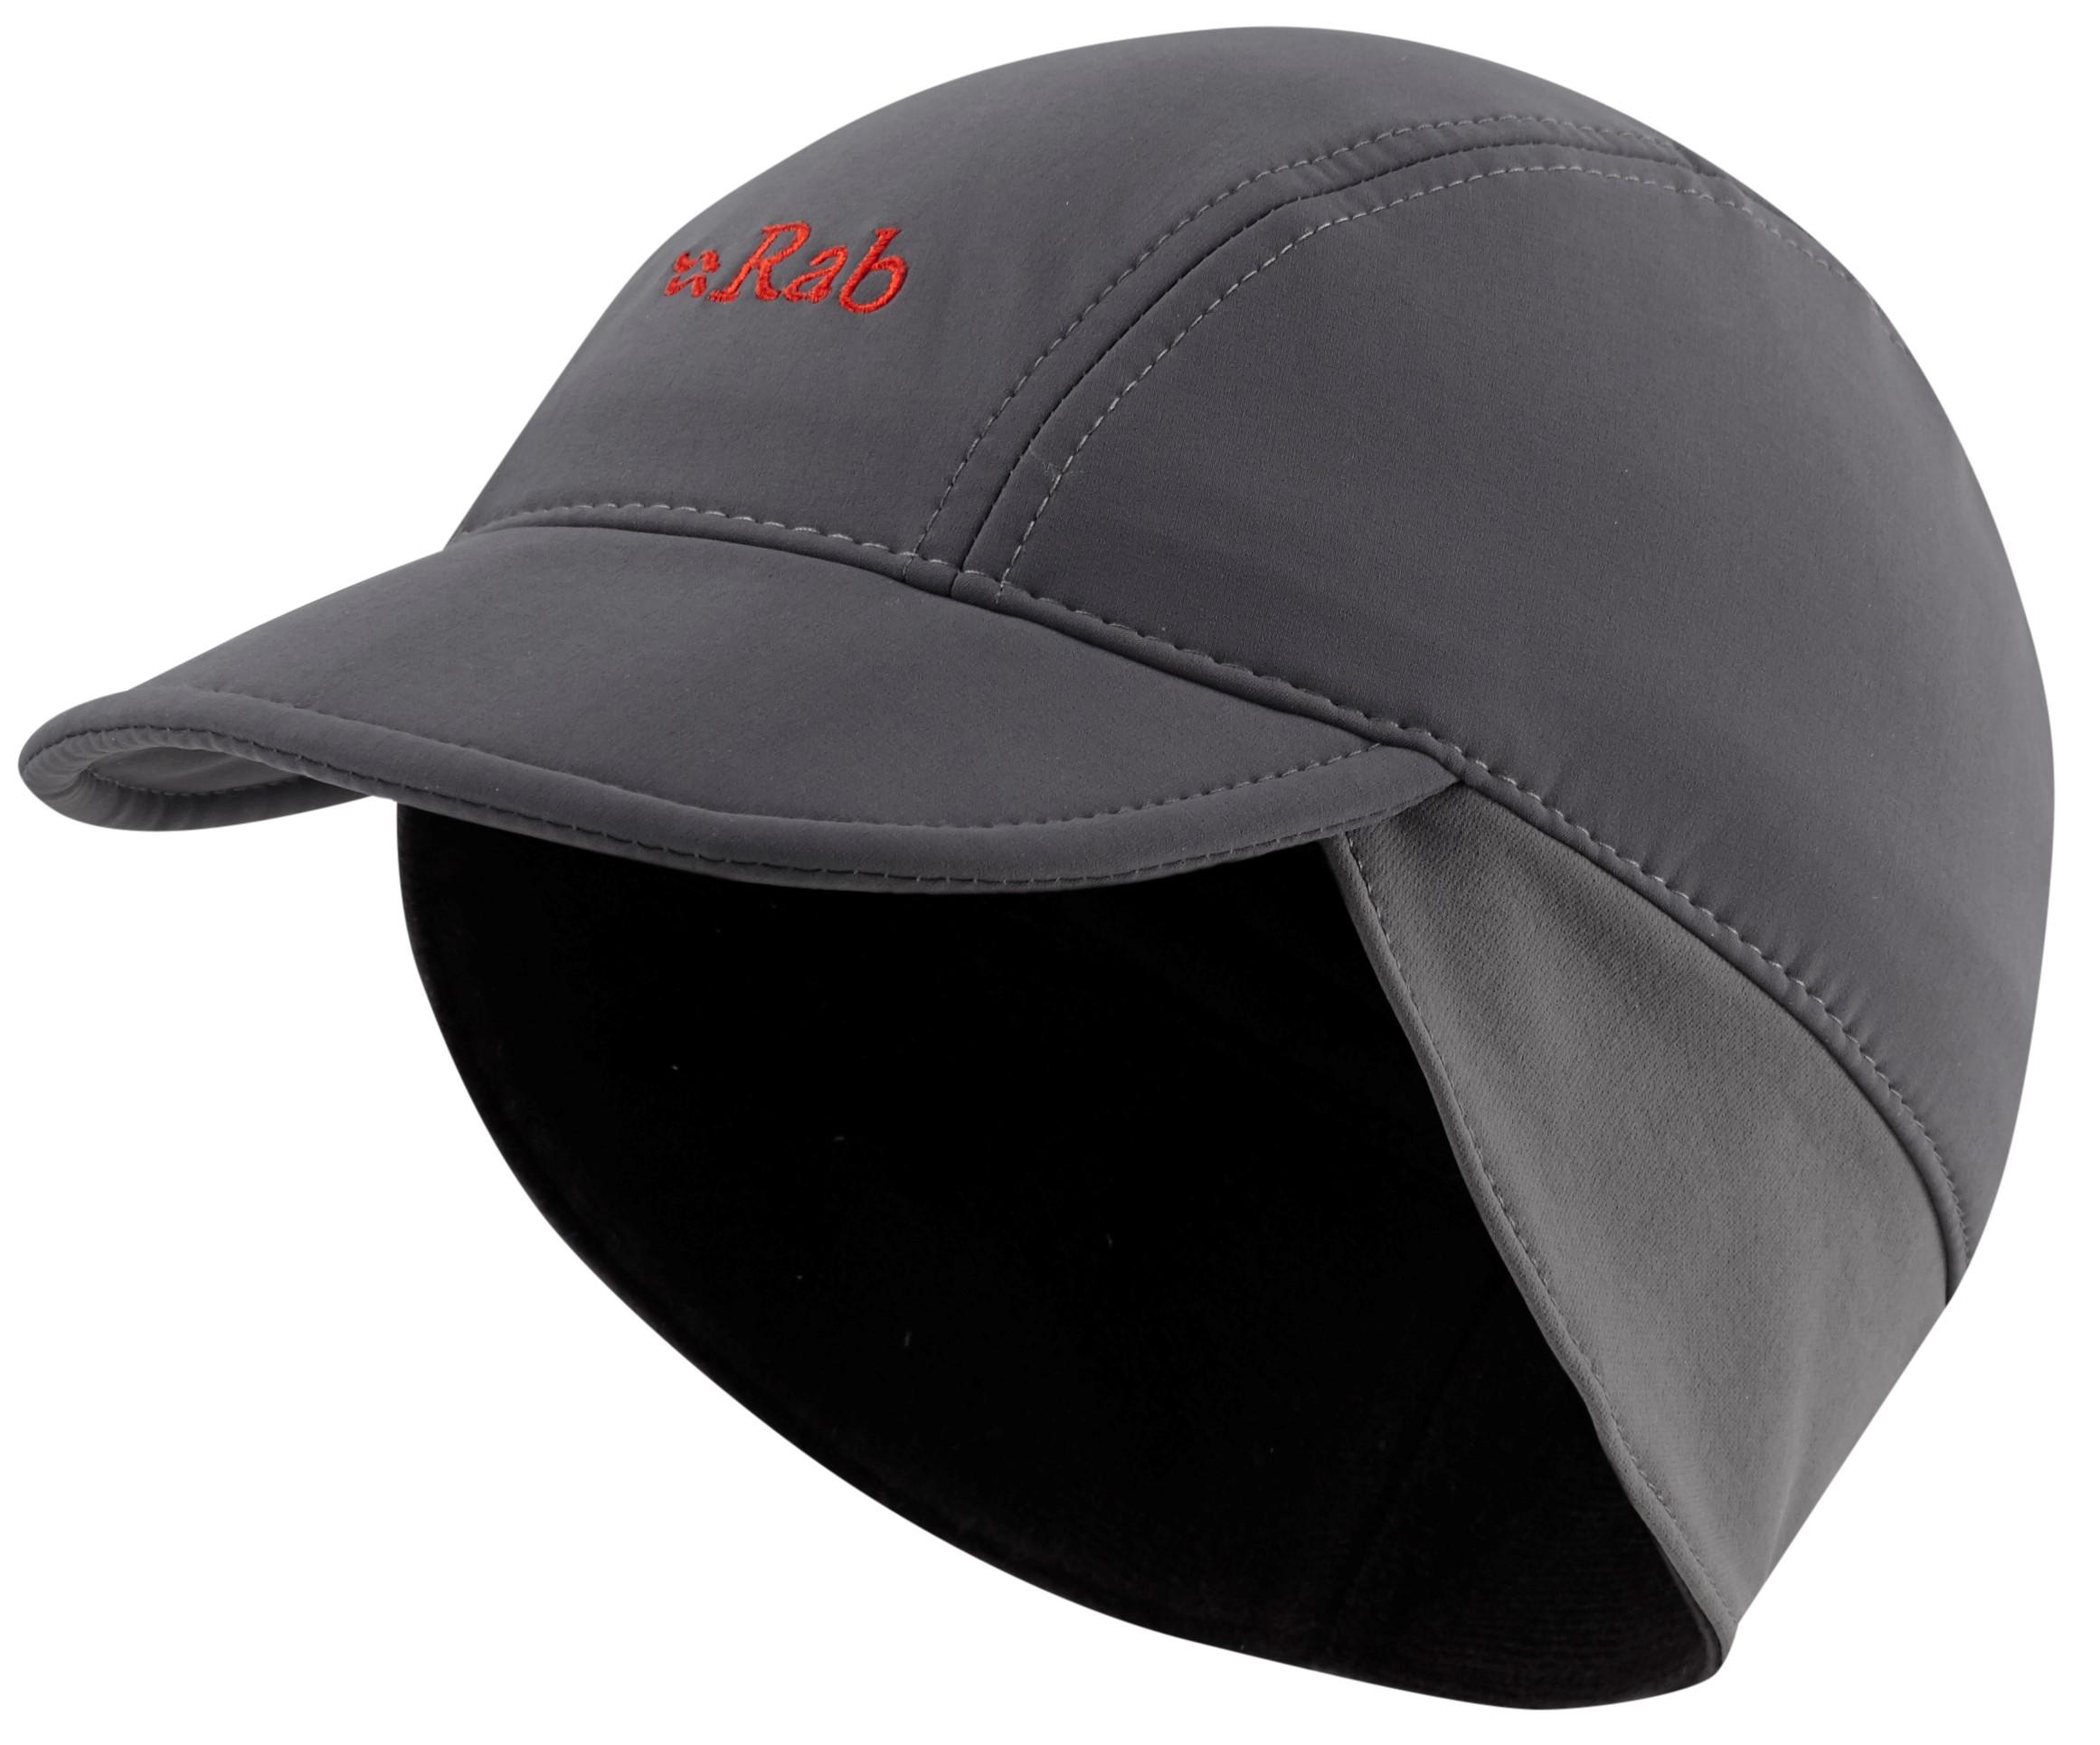 Rab Vantage Cap